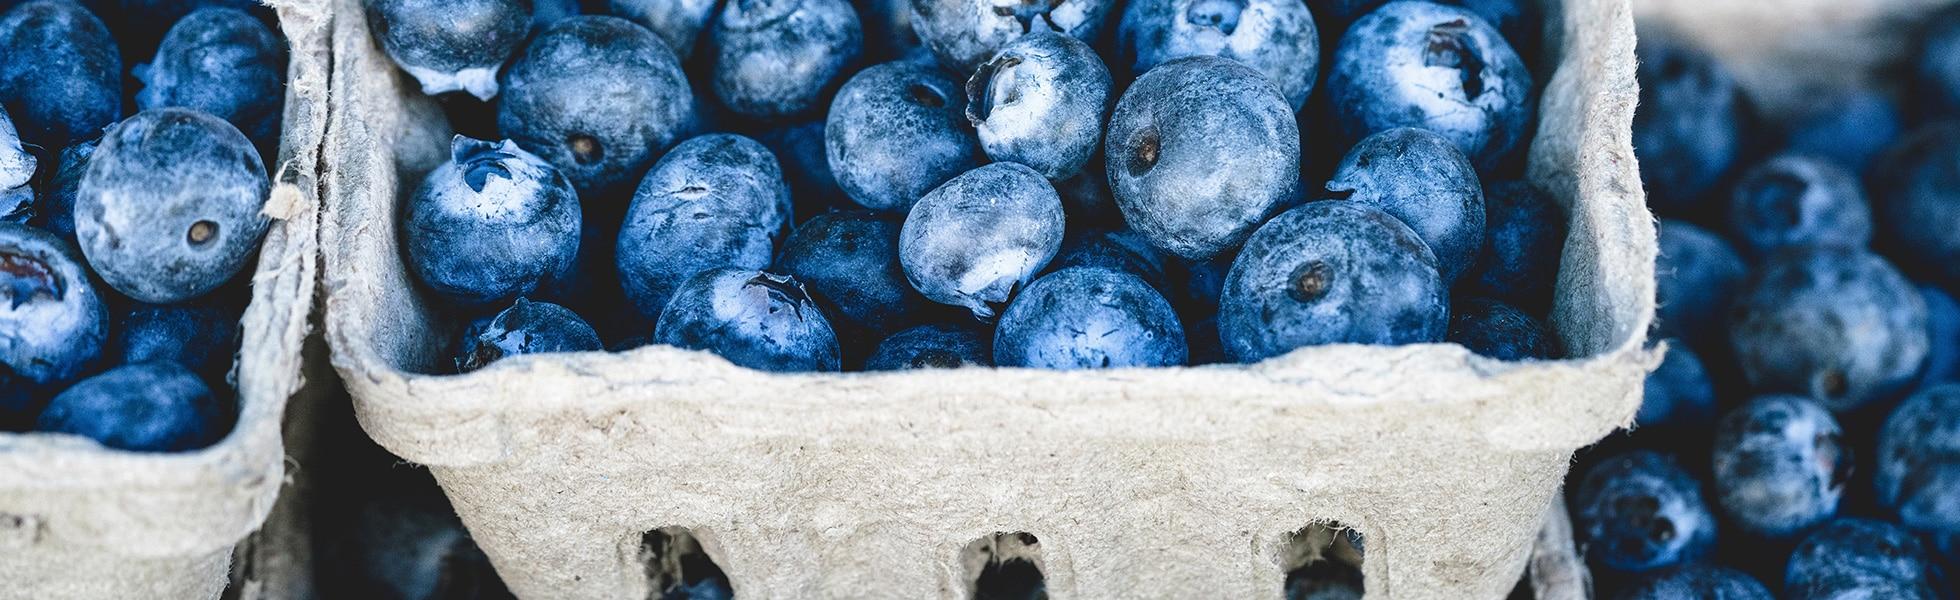 Vaschetta in carta per frutta